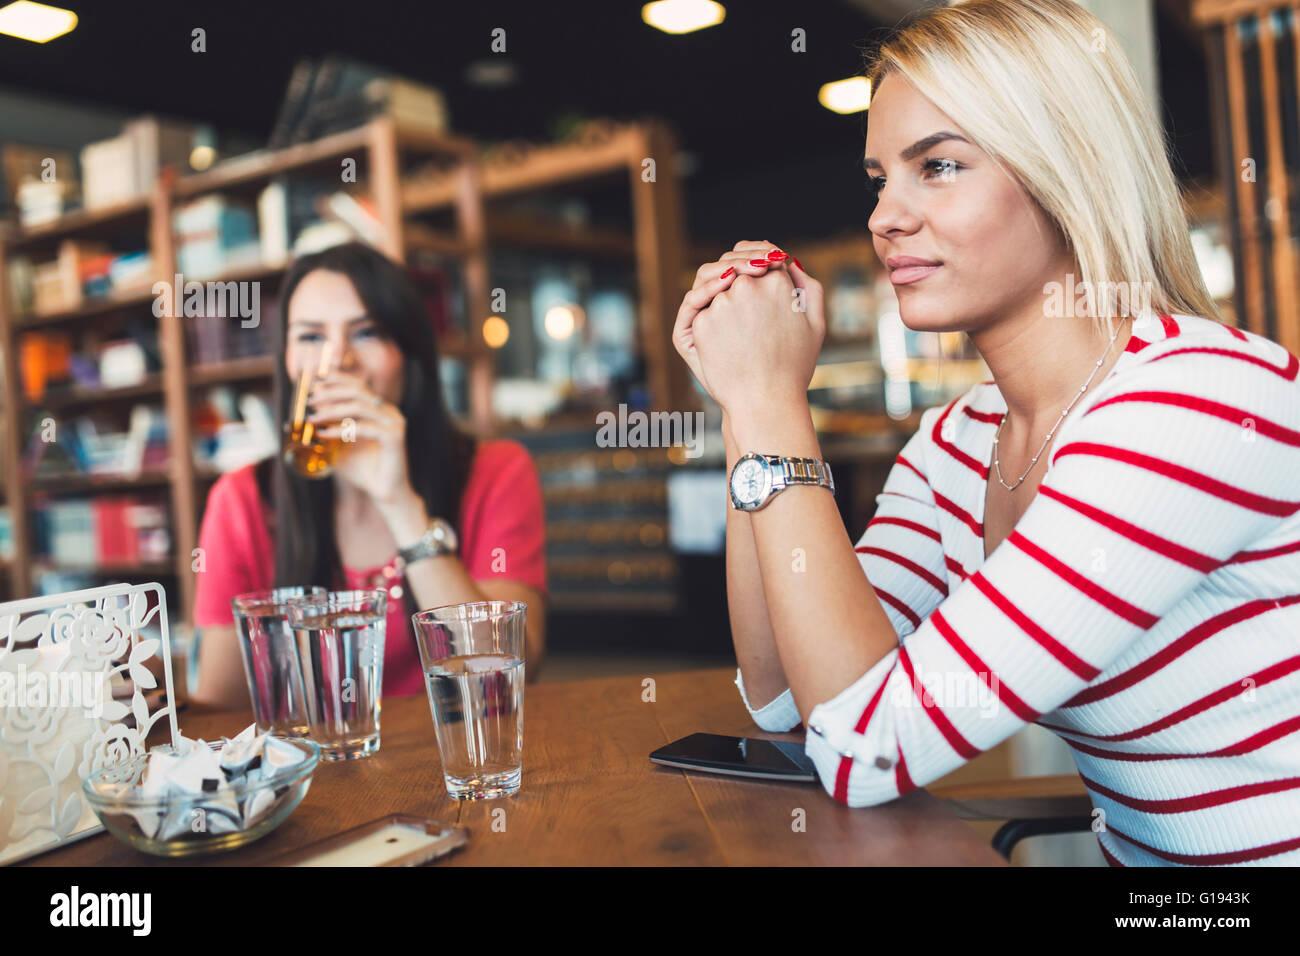 Schöne Frau ruht im Café Klatsch und Gespräche mit Freunden Stockbild